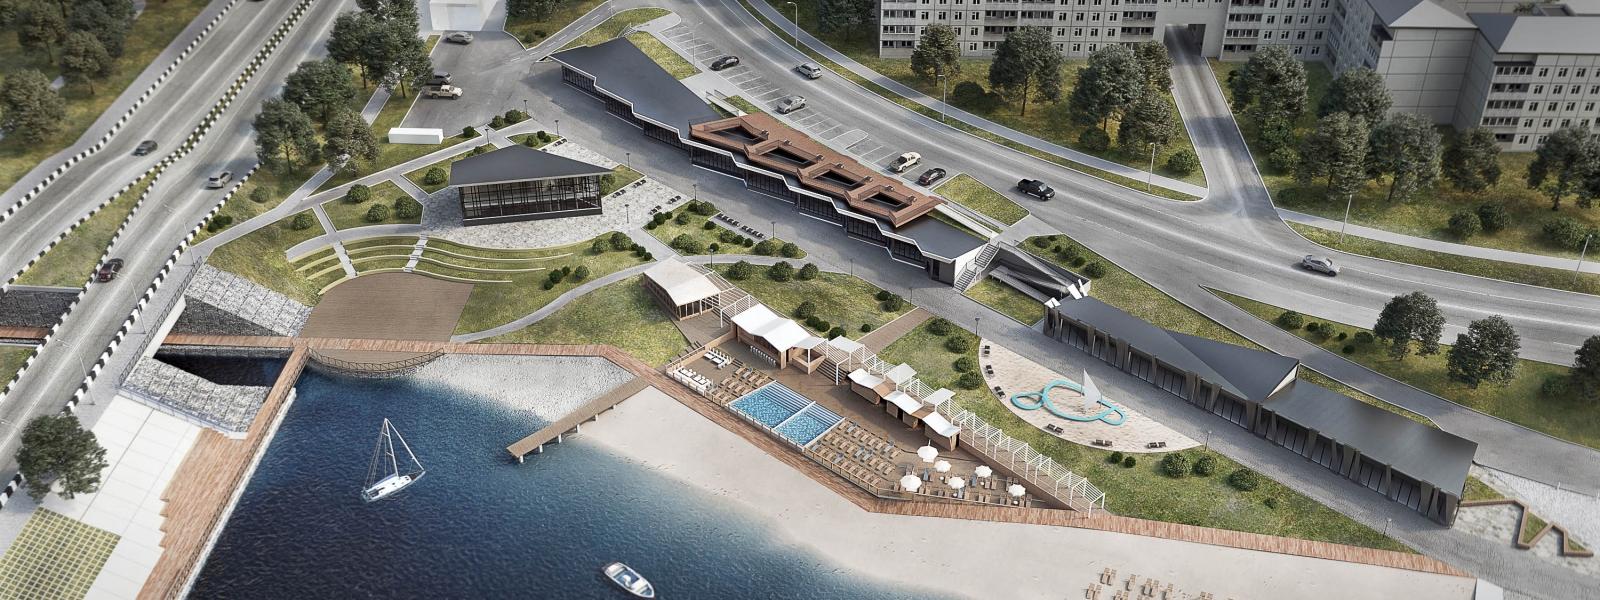 work-Проект реабилитации набережной в городе Иркутске, микрорайон Солнечный в рамках формирования  парка «Солнечная дорога»